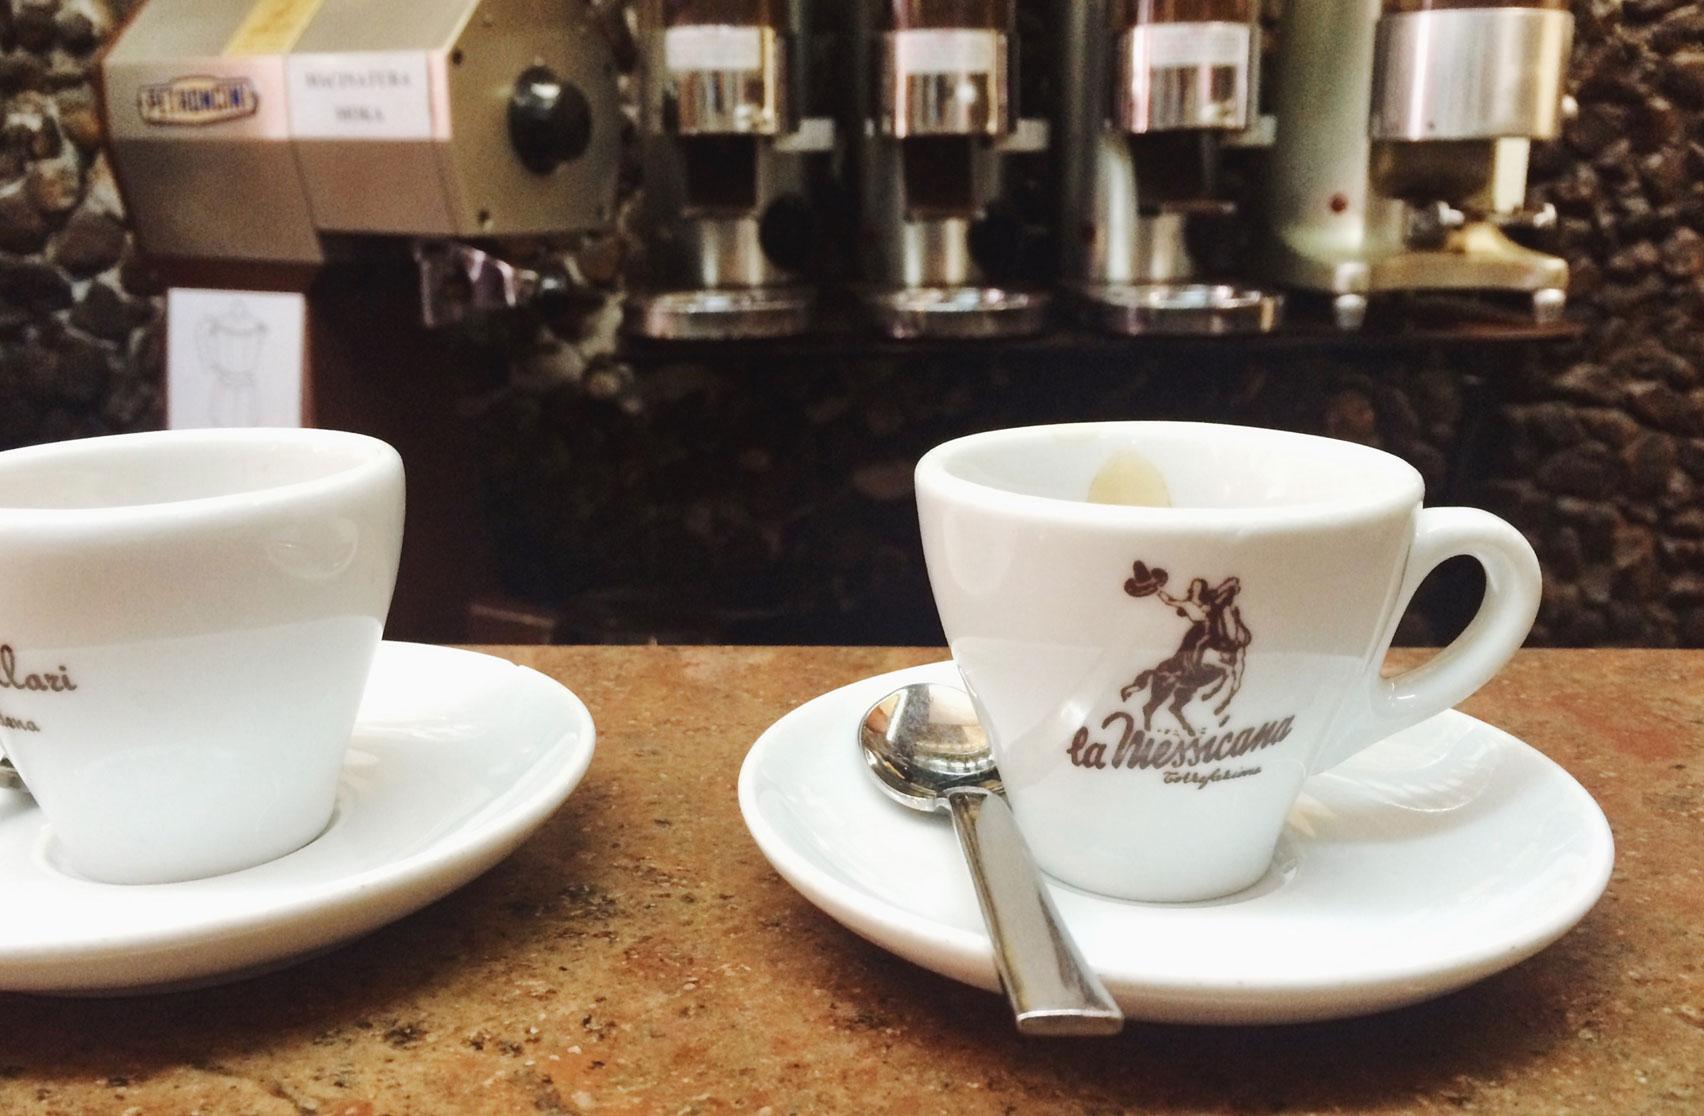 TorrefazioneLaMessicana_5-posti-dove-bere-un-caffè-in-centro-a-Modena_MyModenadiary_01